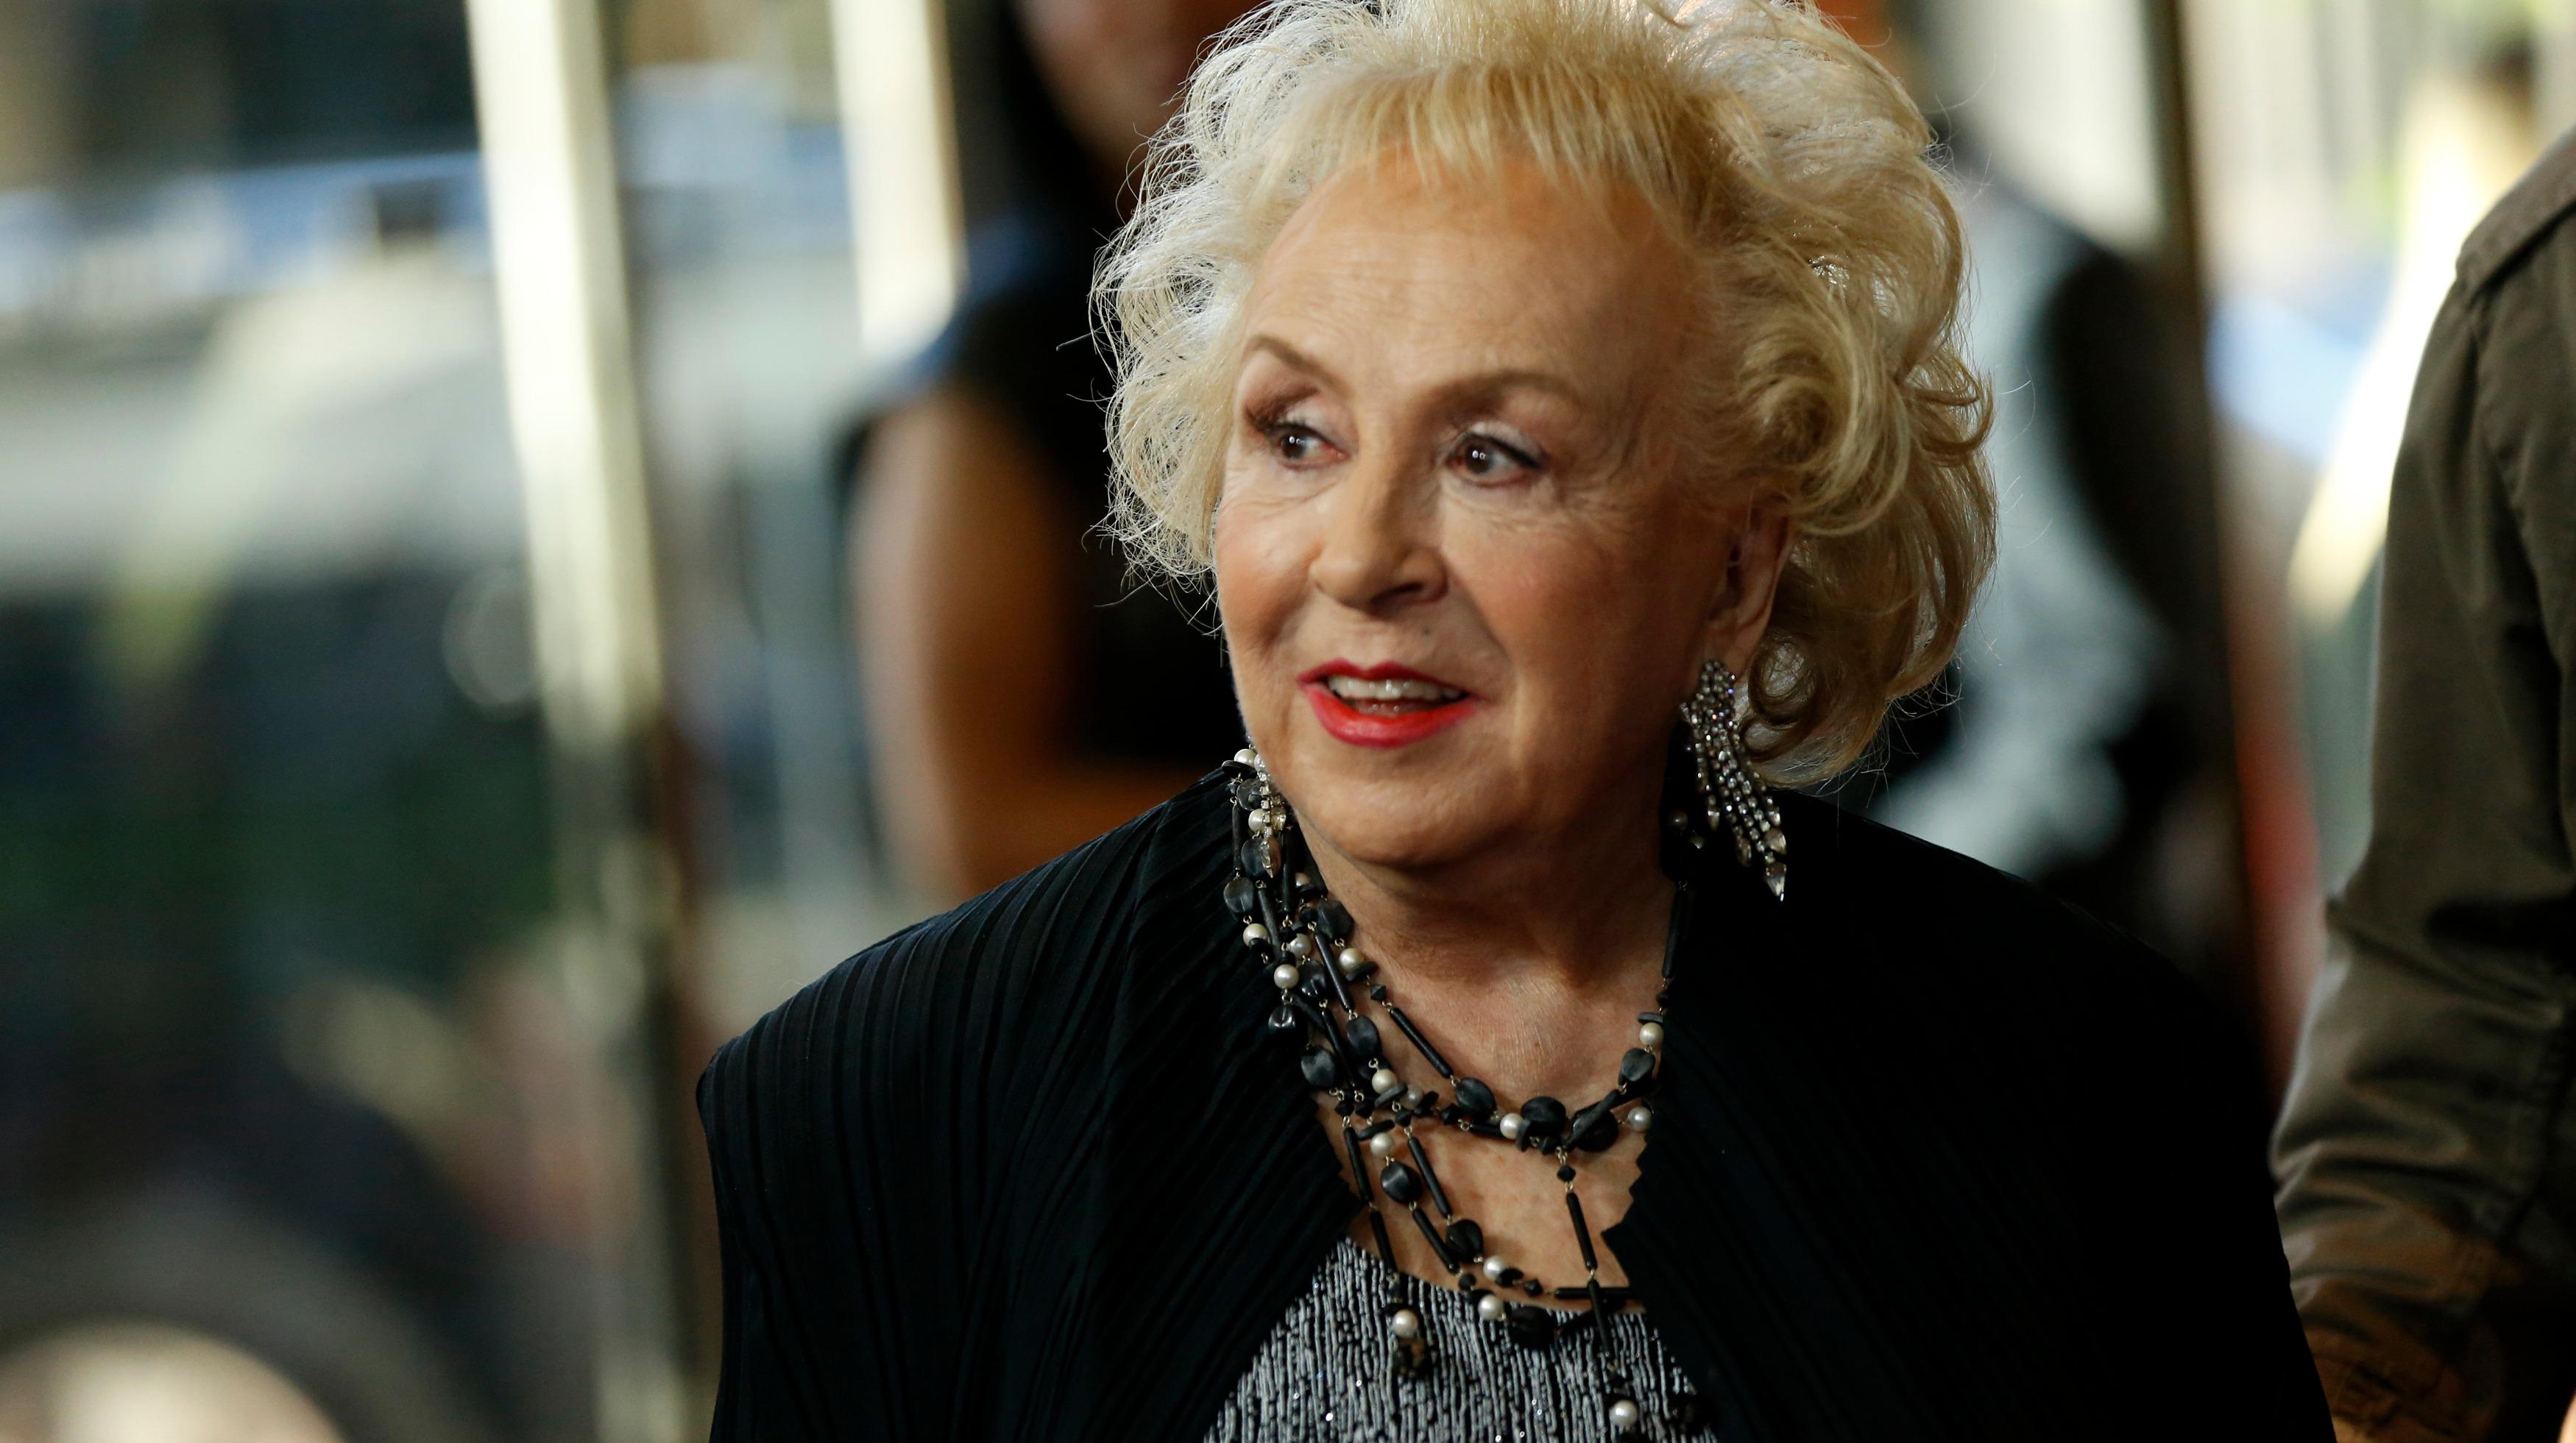 Everybody Loves Raymond Star Doris Roberts Has Passed Away at 90